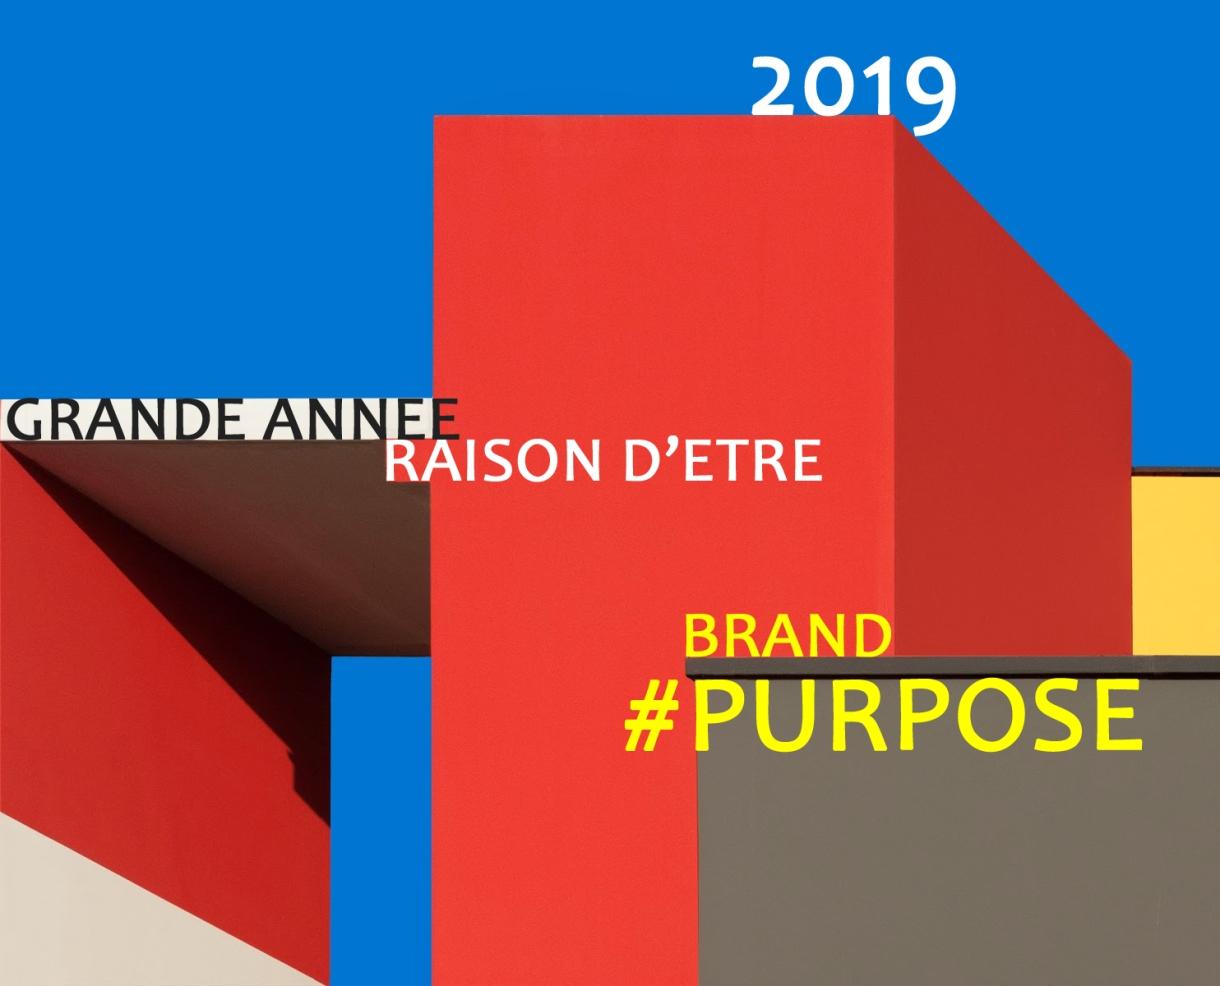 2019 : grande année de la raison d'être des entreprises… ou prélude à l'éclatement de la bulle du « purpose » ?